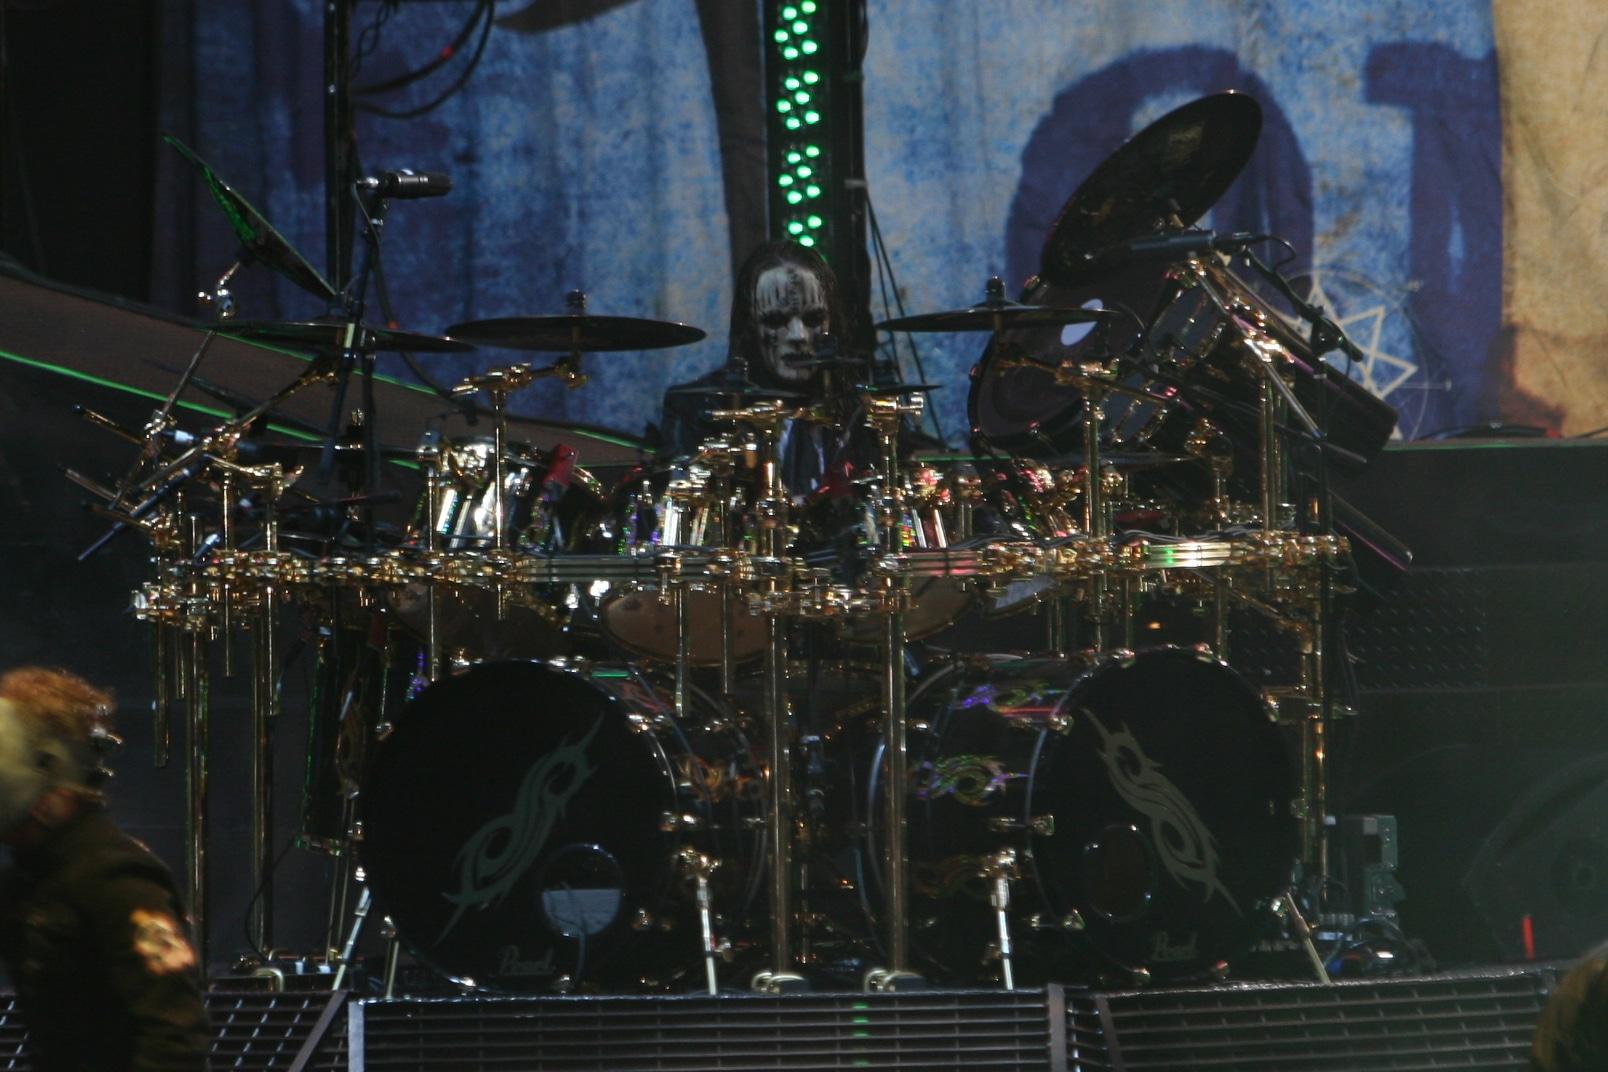 Joey jordison batteur de Slipknot